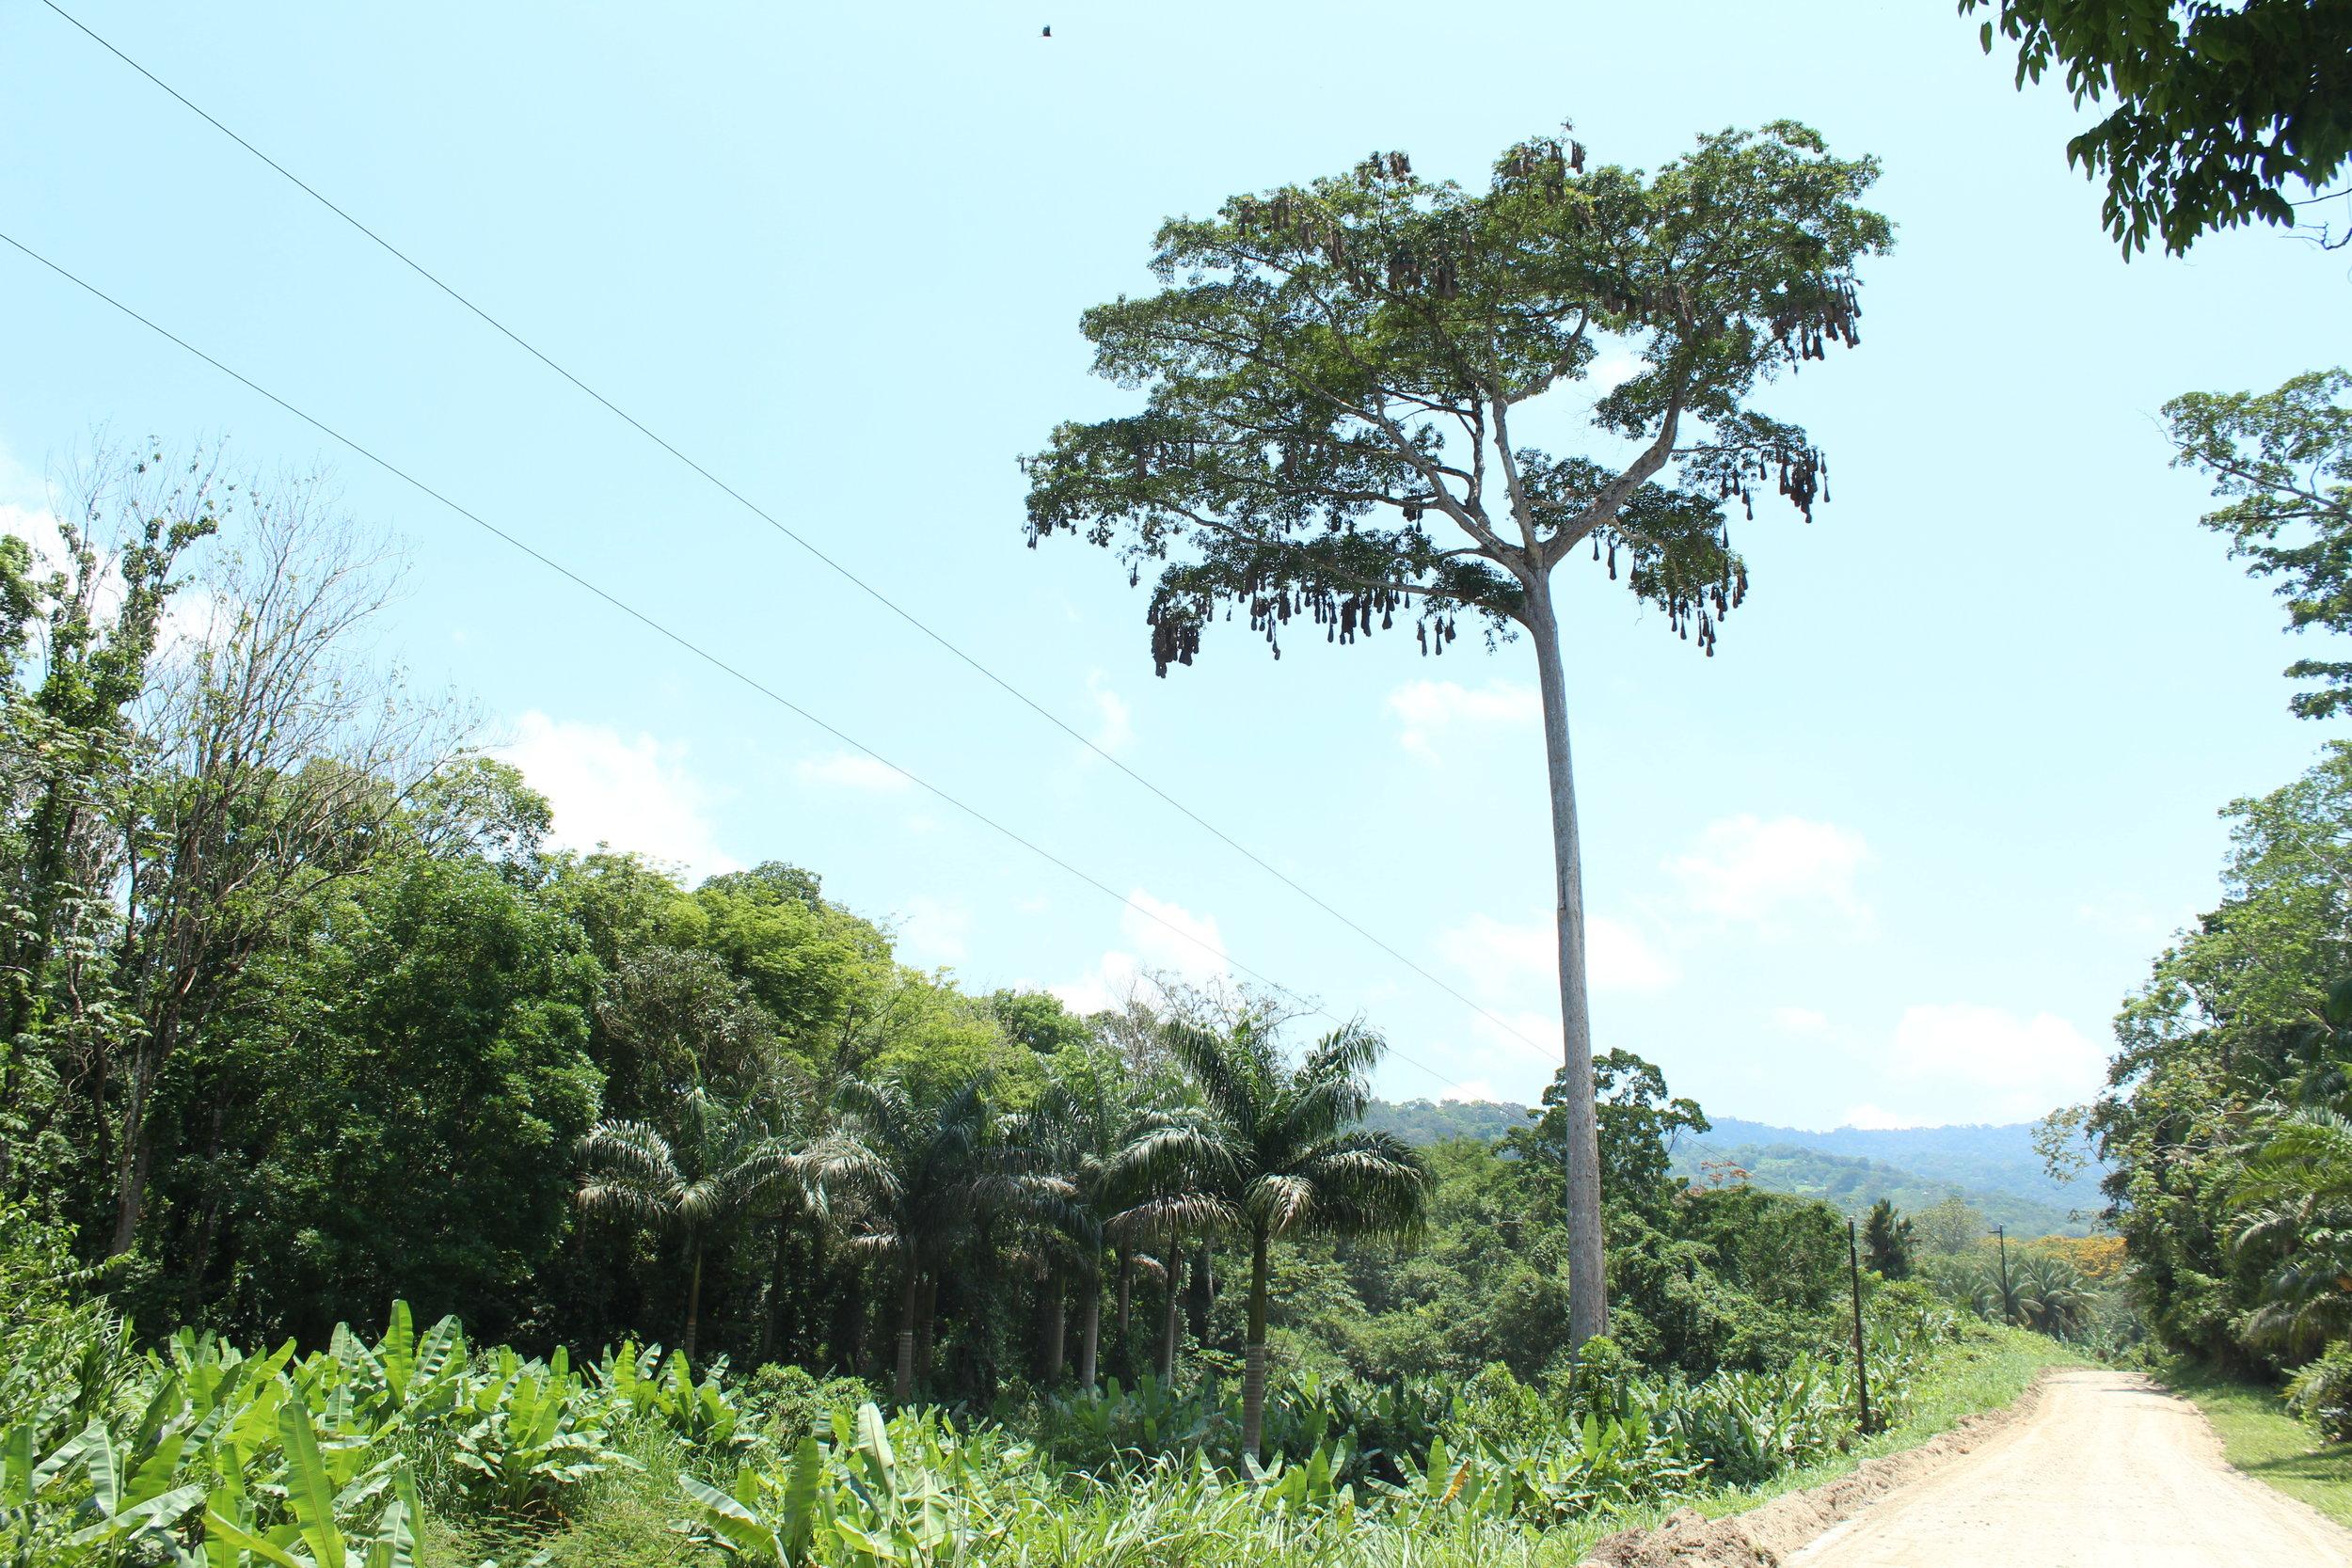 Roadside cecropia tree